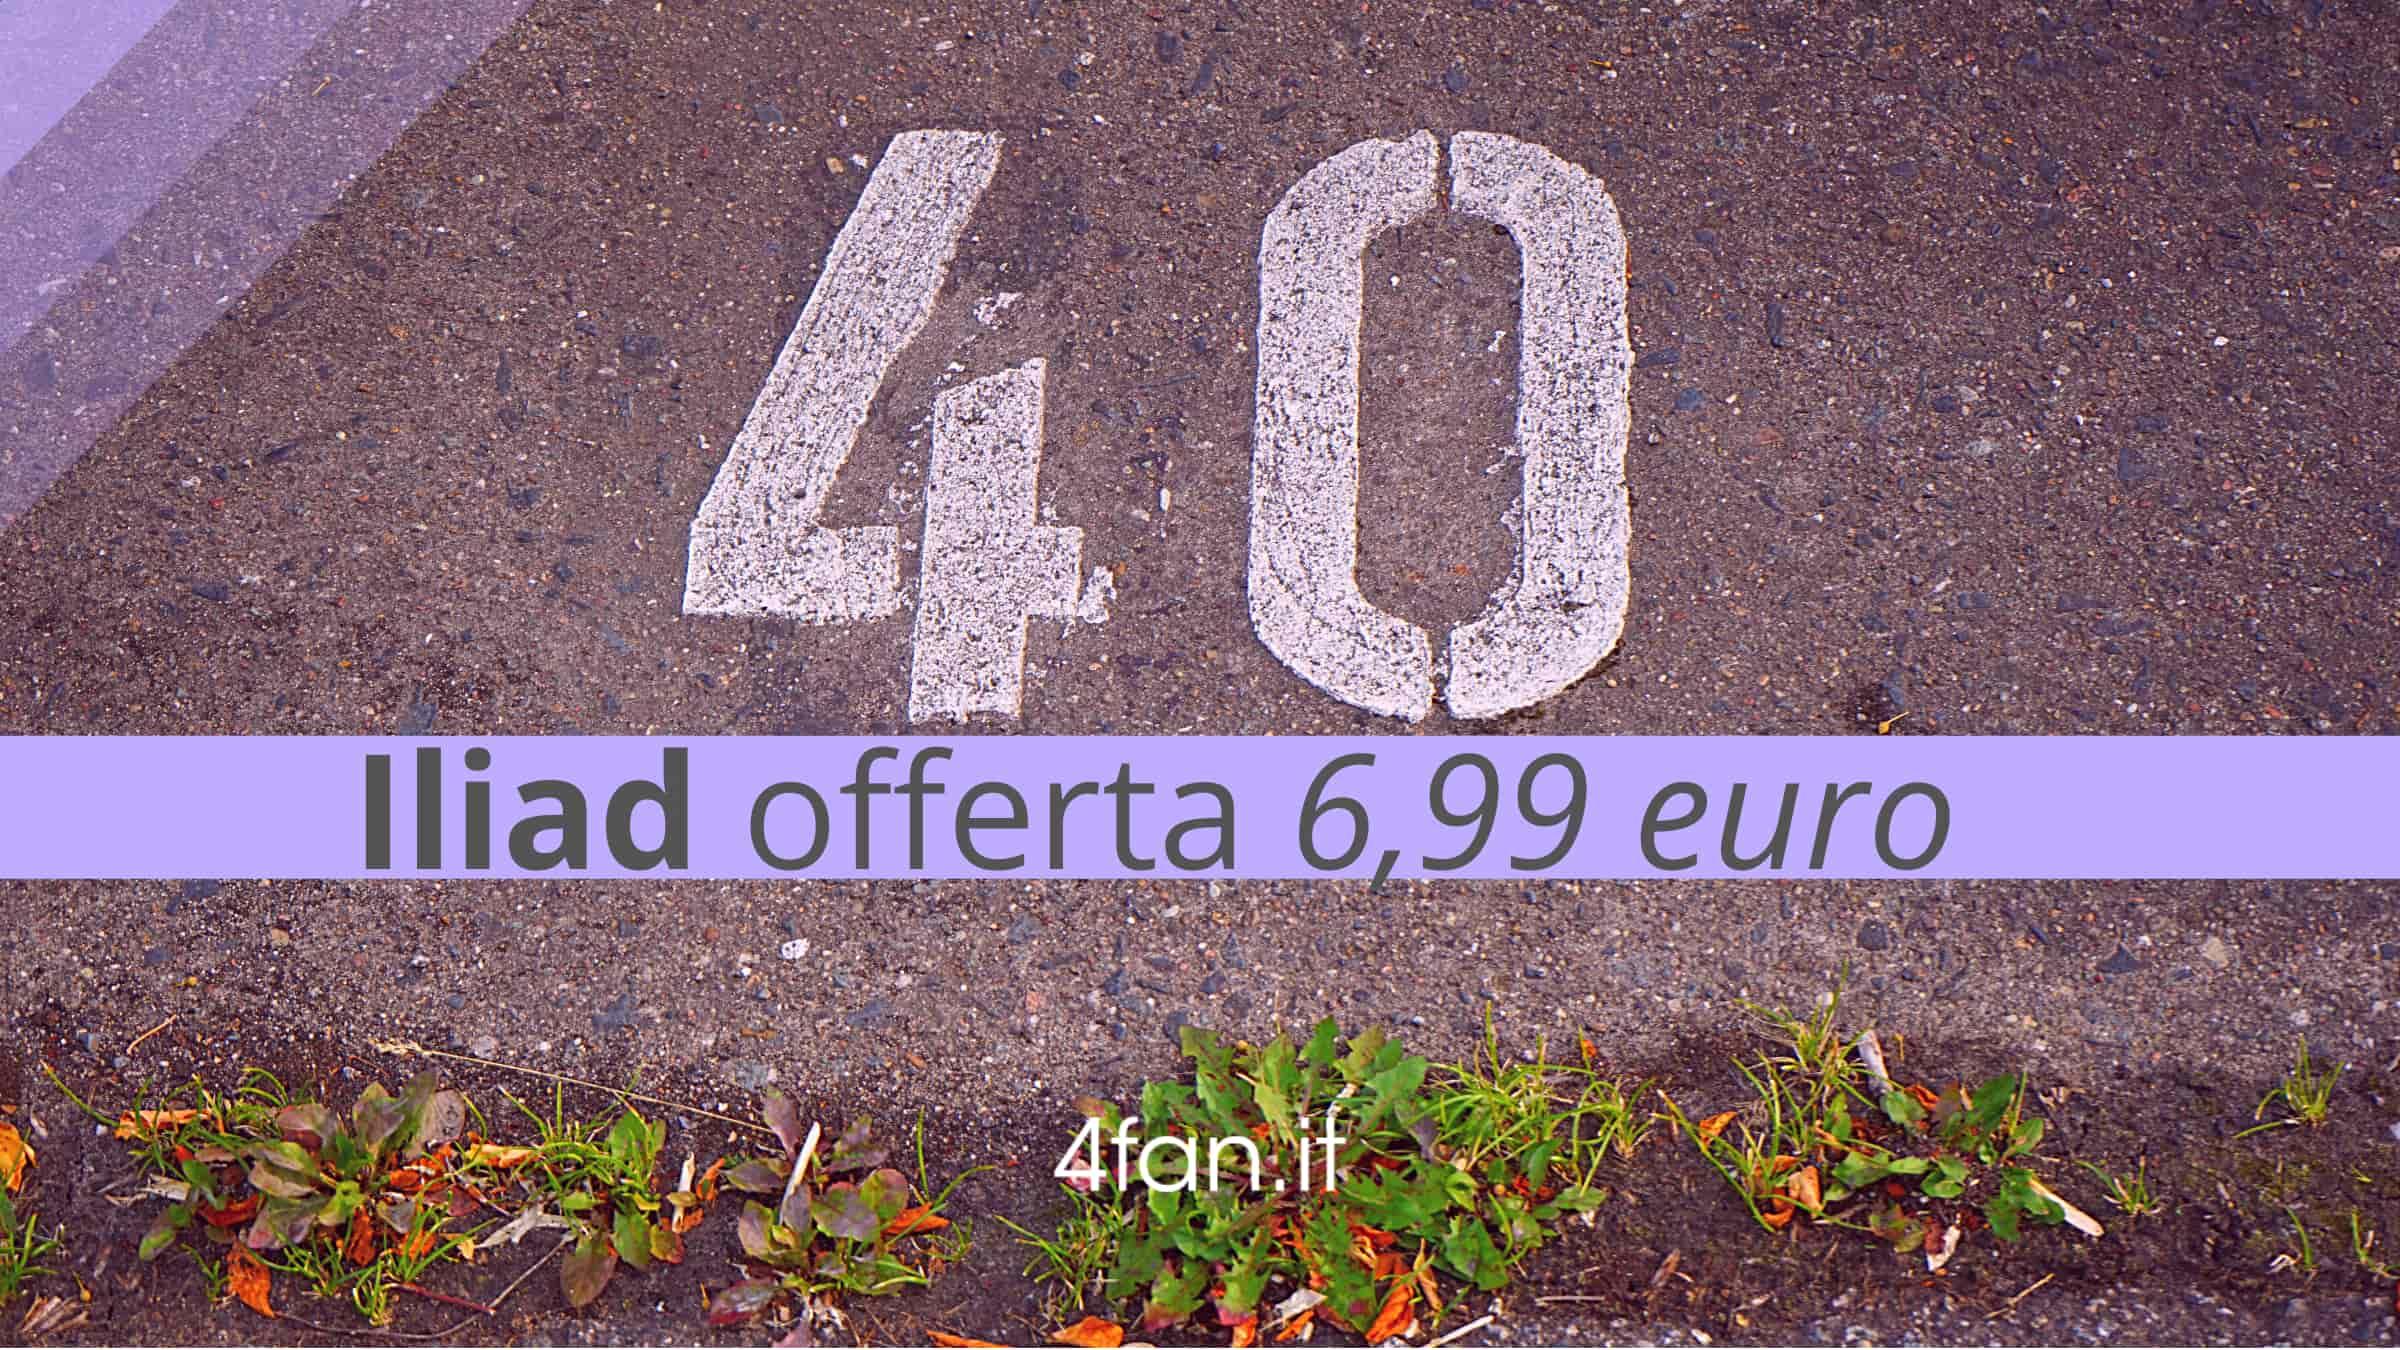 Iliad 6,99 euro. 40 giga